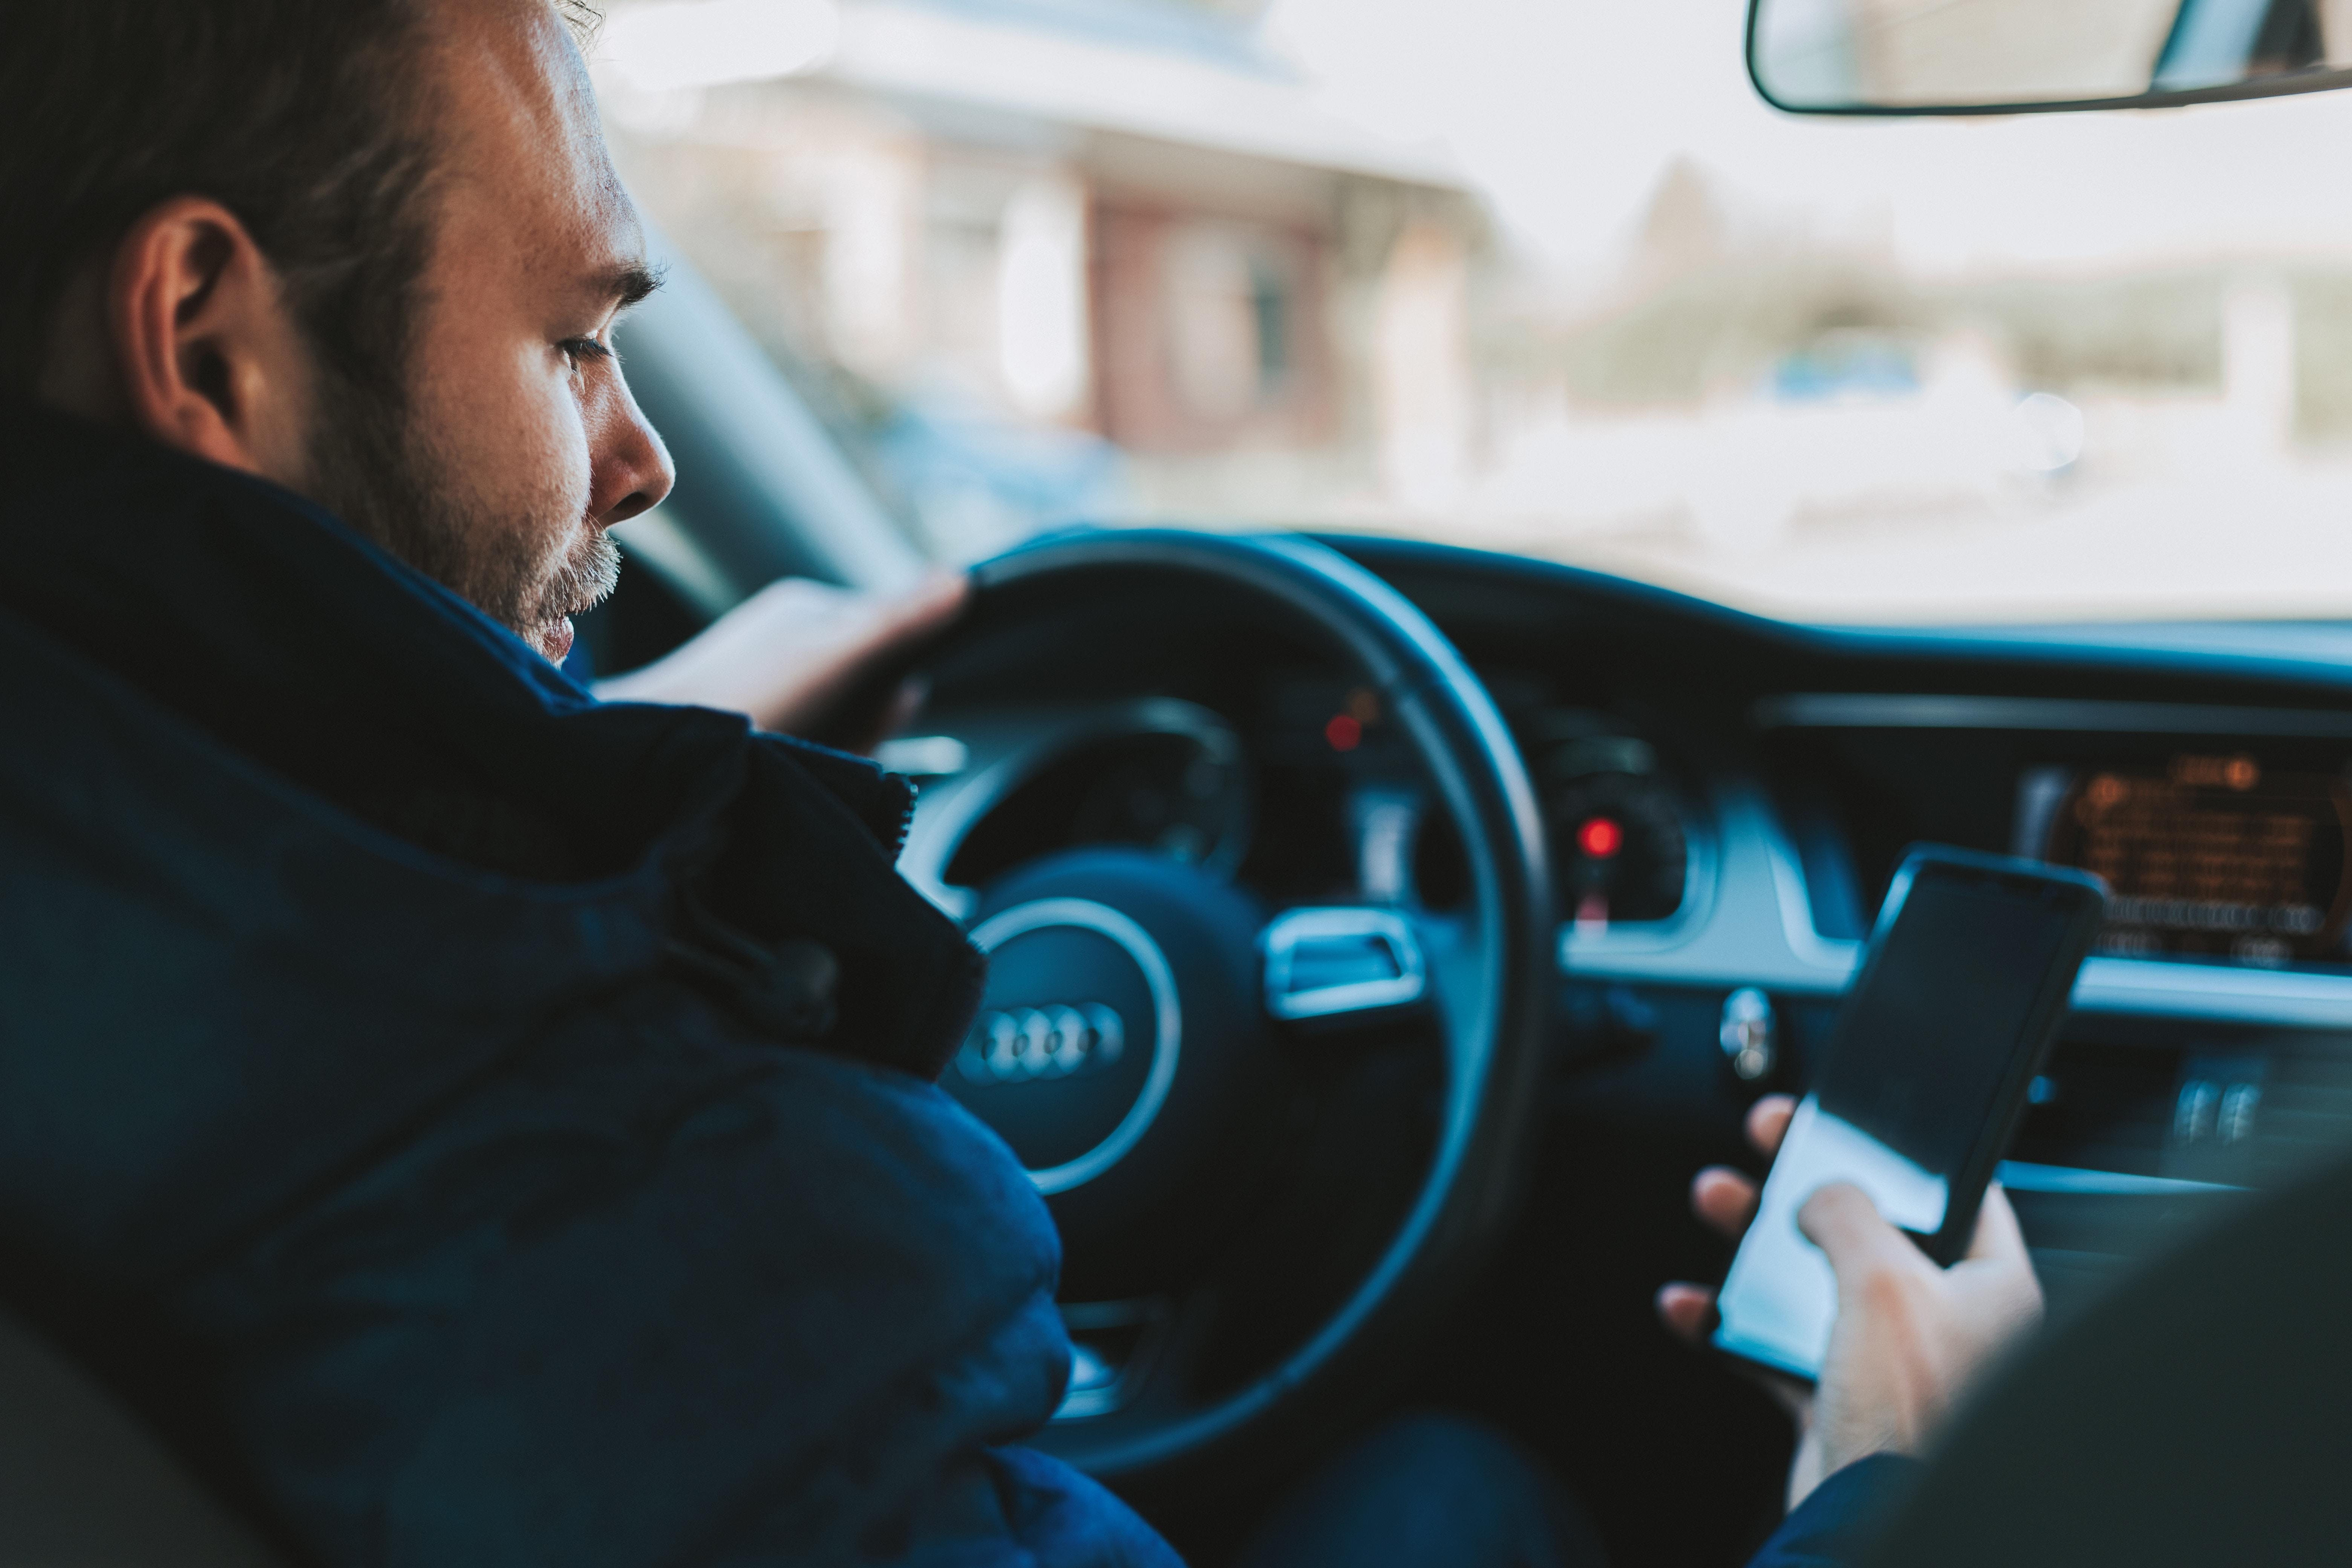 車を運転中に携帯電話(スマホ)使用で捕まった!違反の罰金と減点について